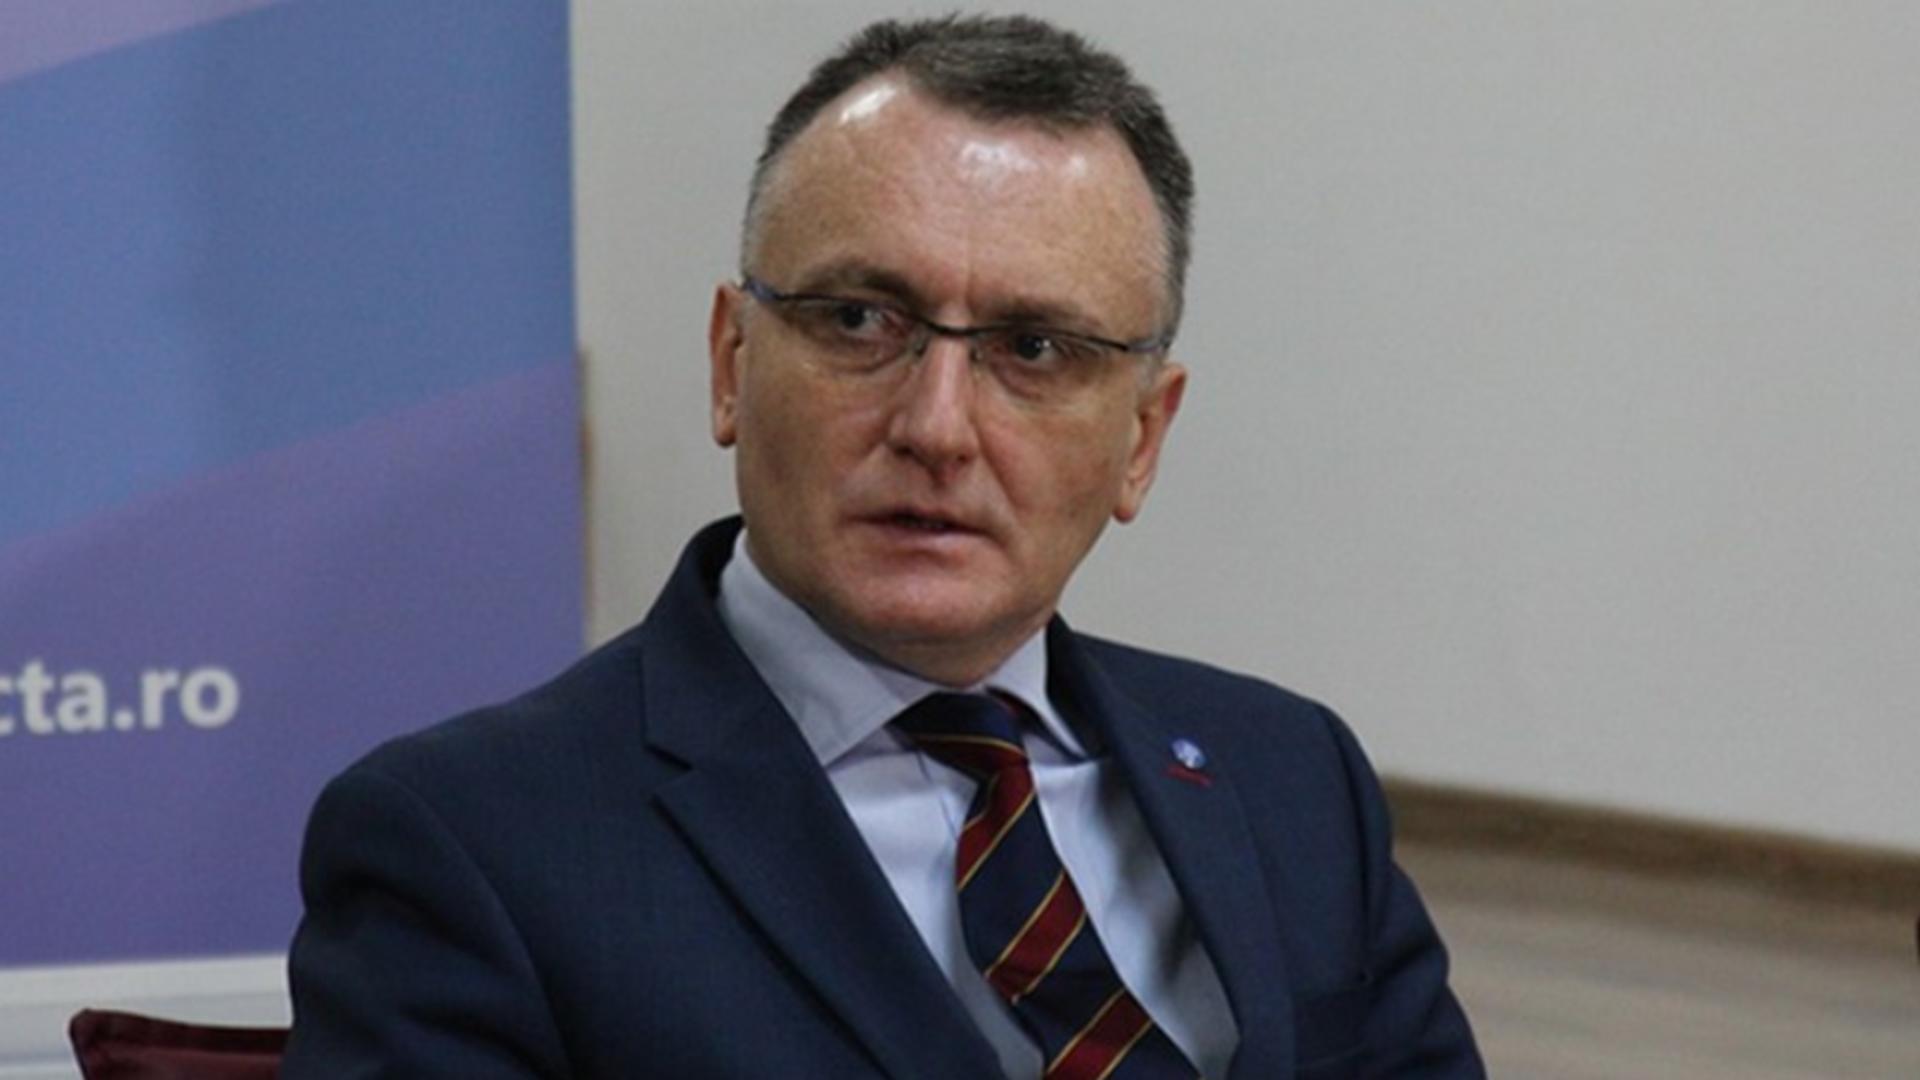 Sorin Cîmpeanu